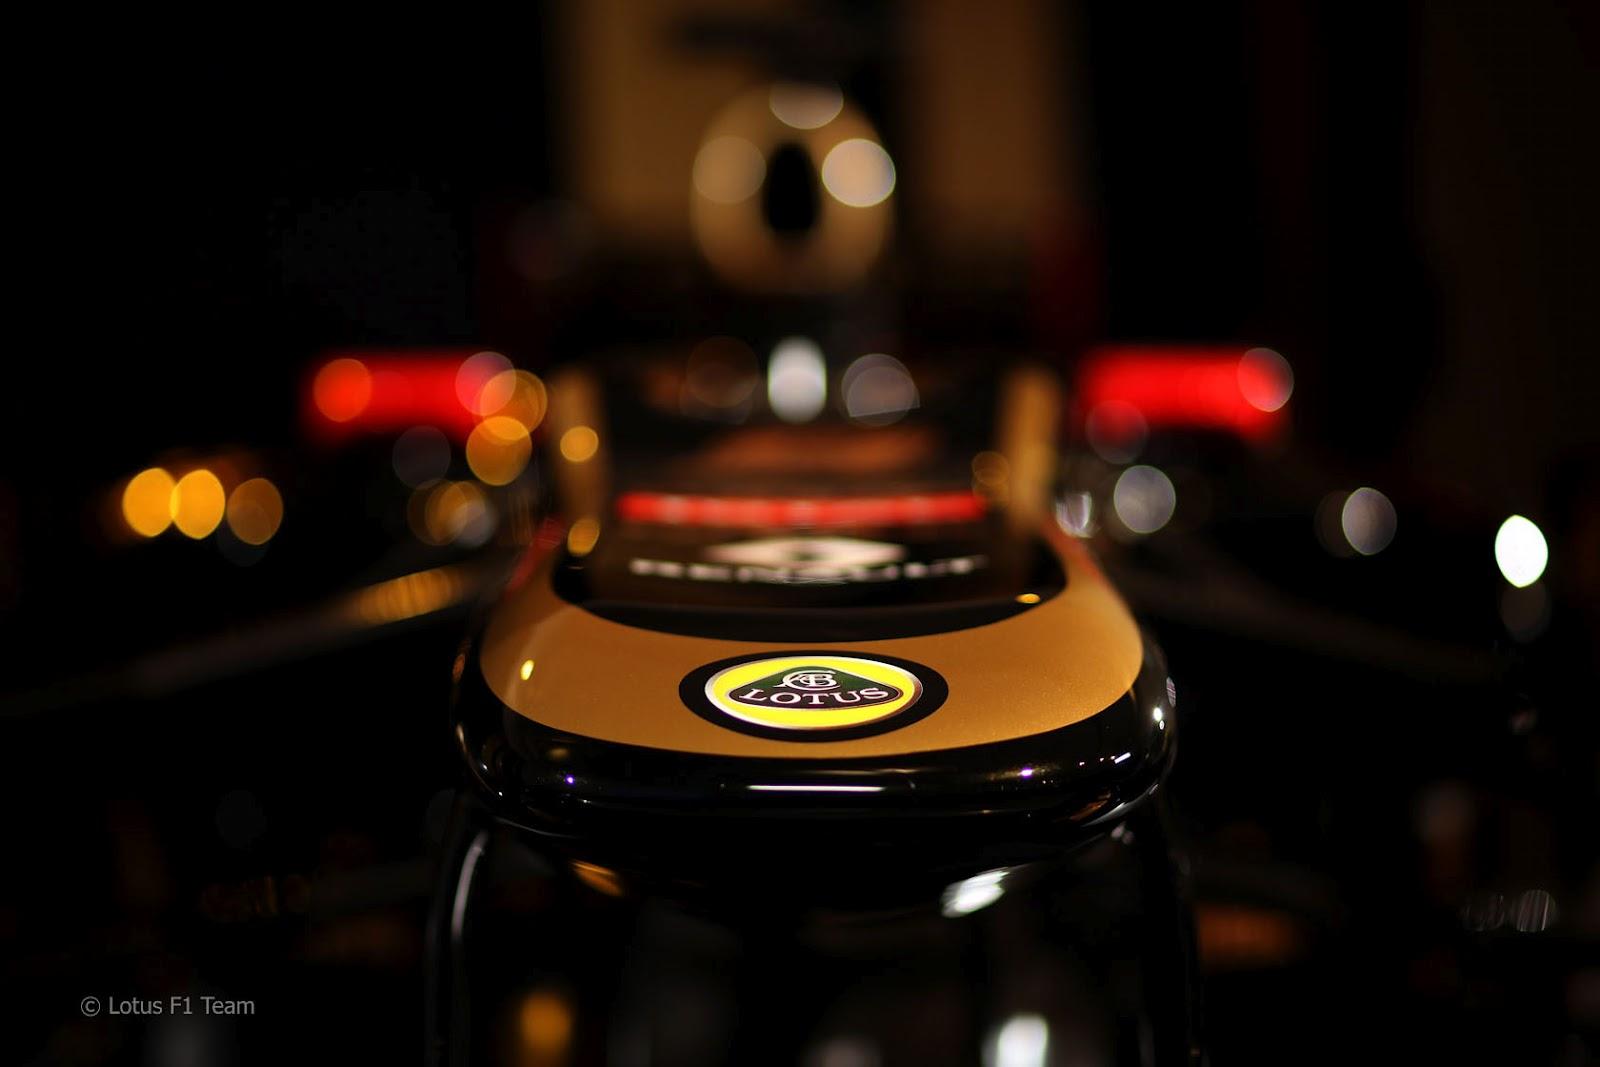 http://1.bp.blogspot.com/-W58pR6cgkmQ/TzyEJSlnHhI/AAAAAAAABNU/4X-W3TwdSr8/s1600/Lotus+E20+2012+%25286%2529.jpg